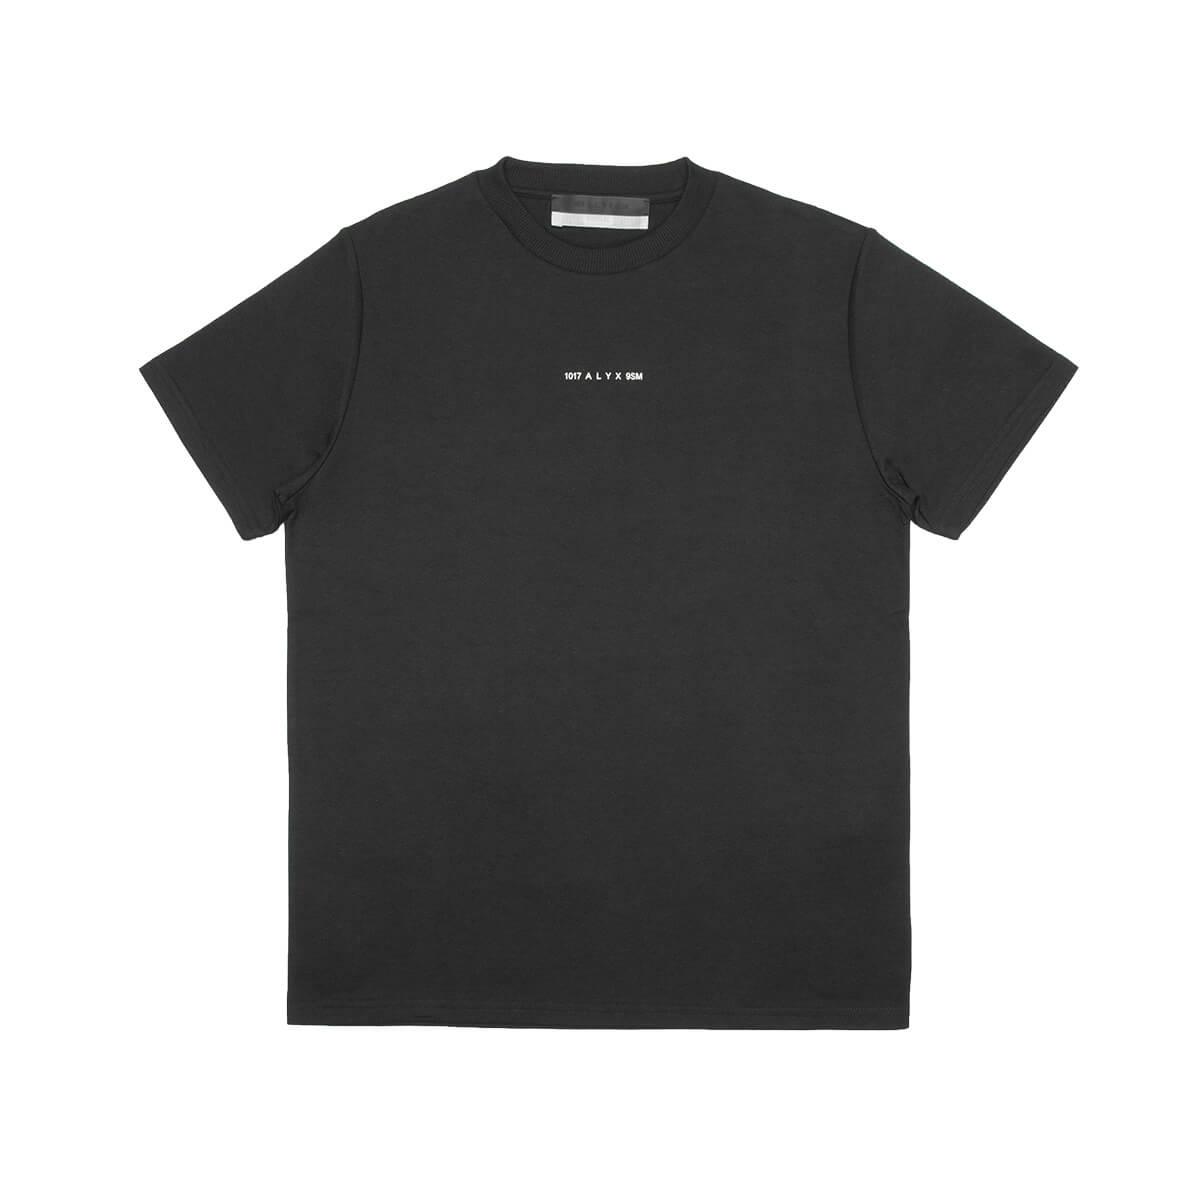 1017 ALYX 9SM Black T-shirt Visual